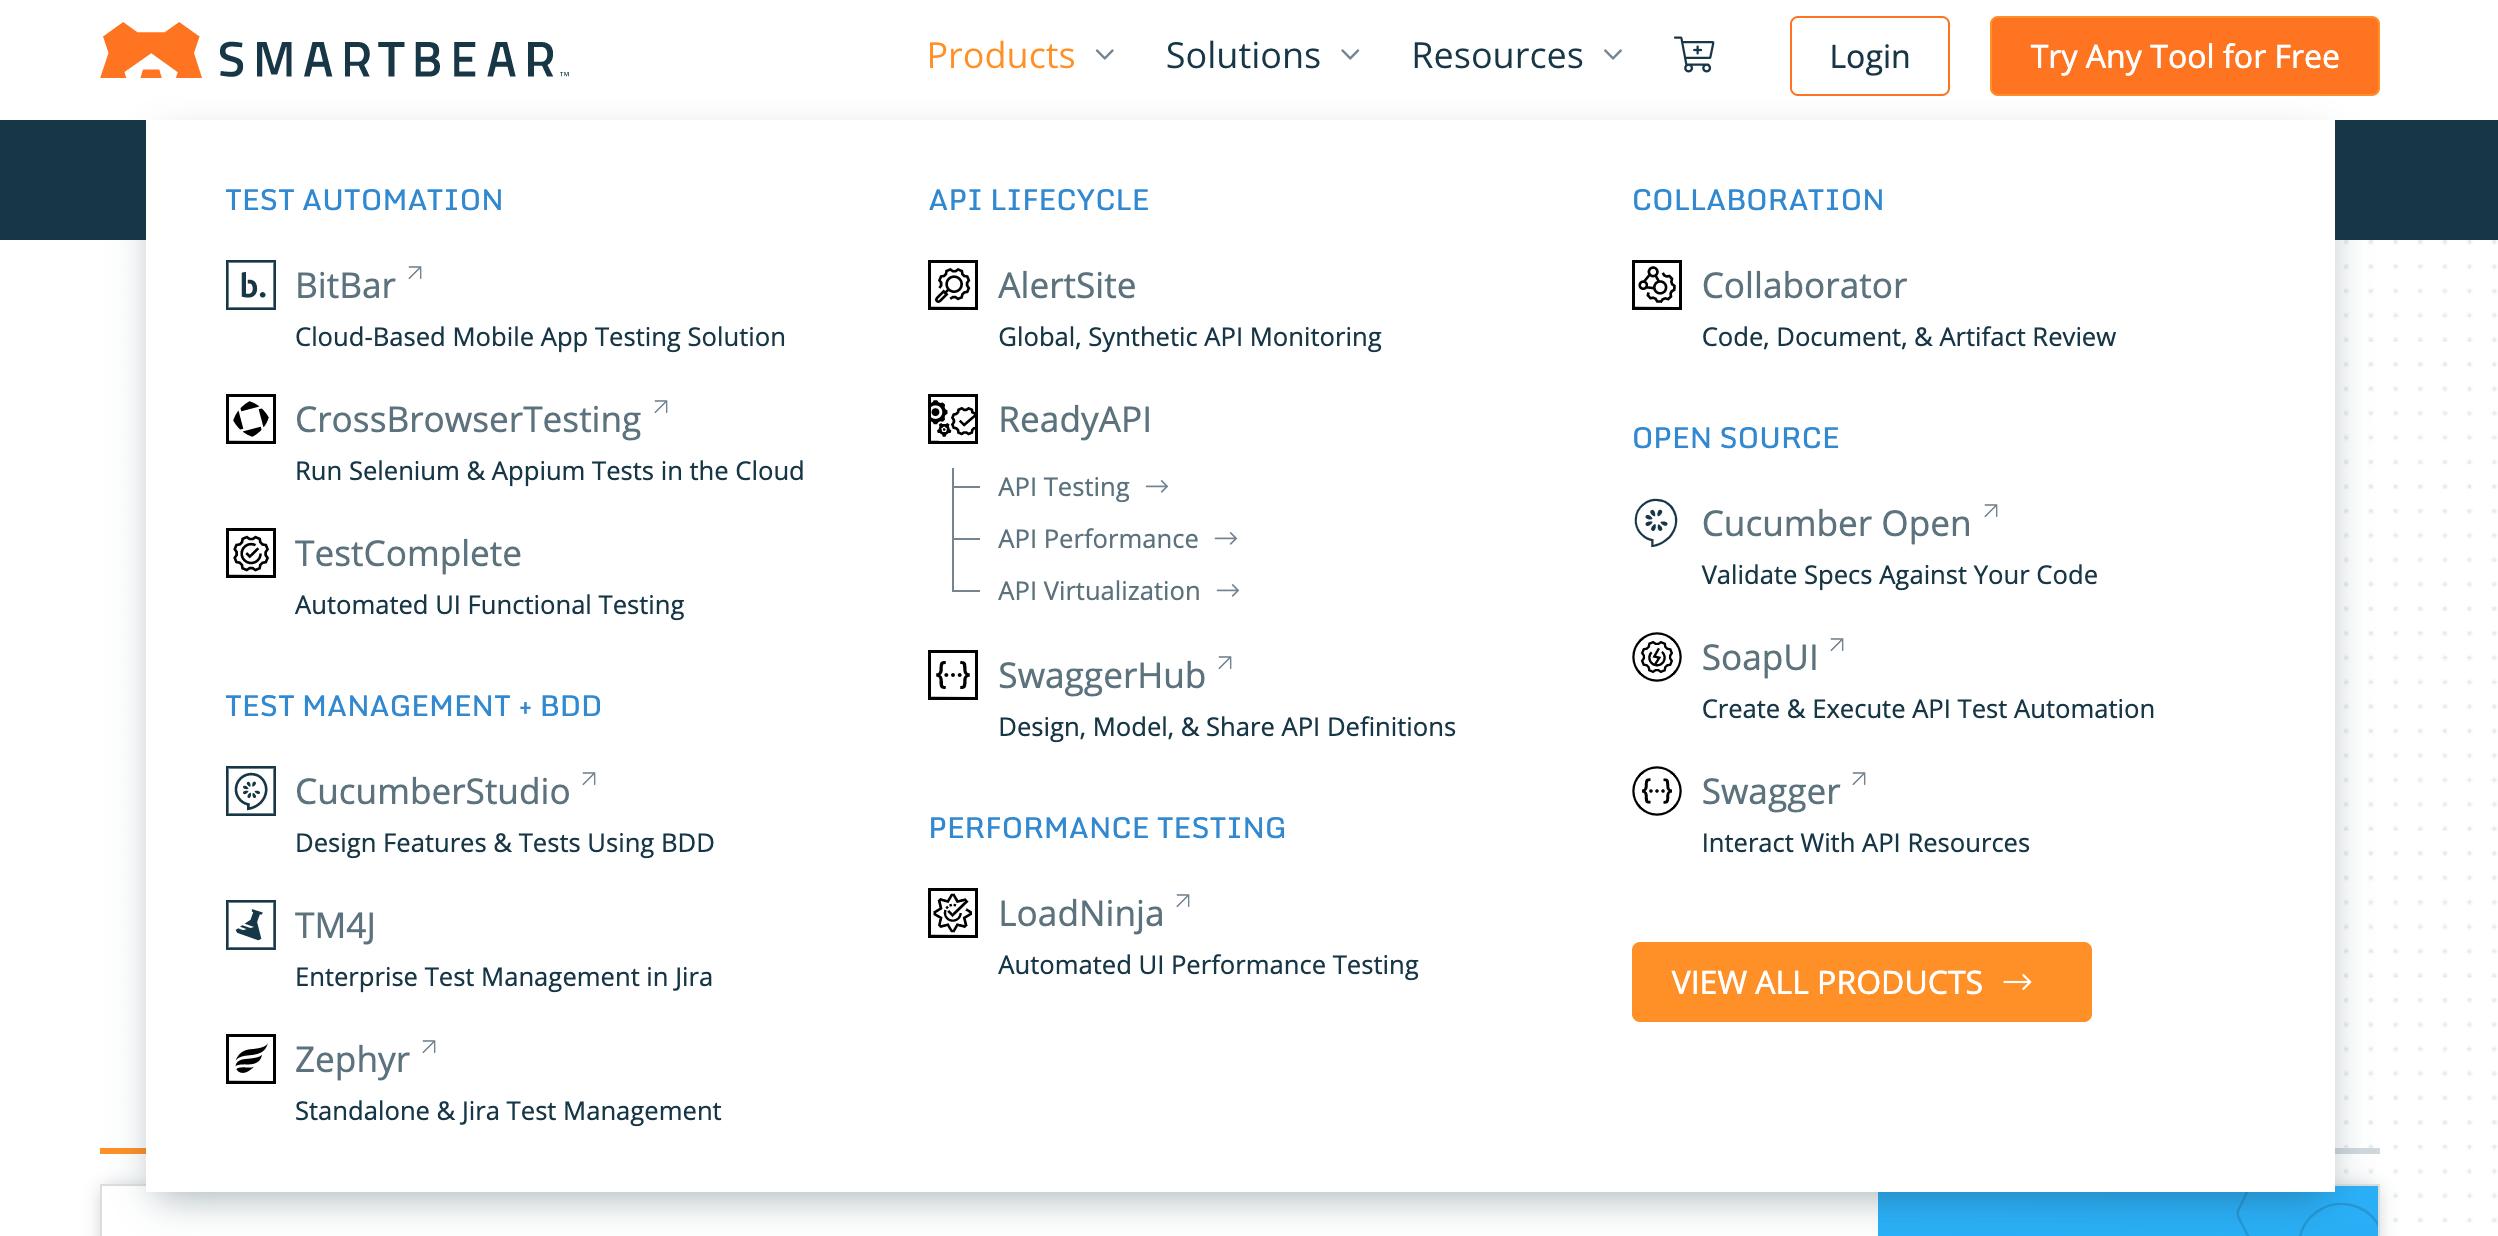 Smartbear product offerings